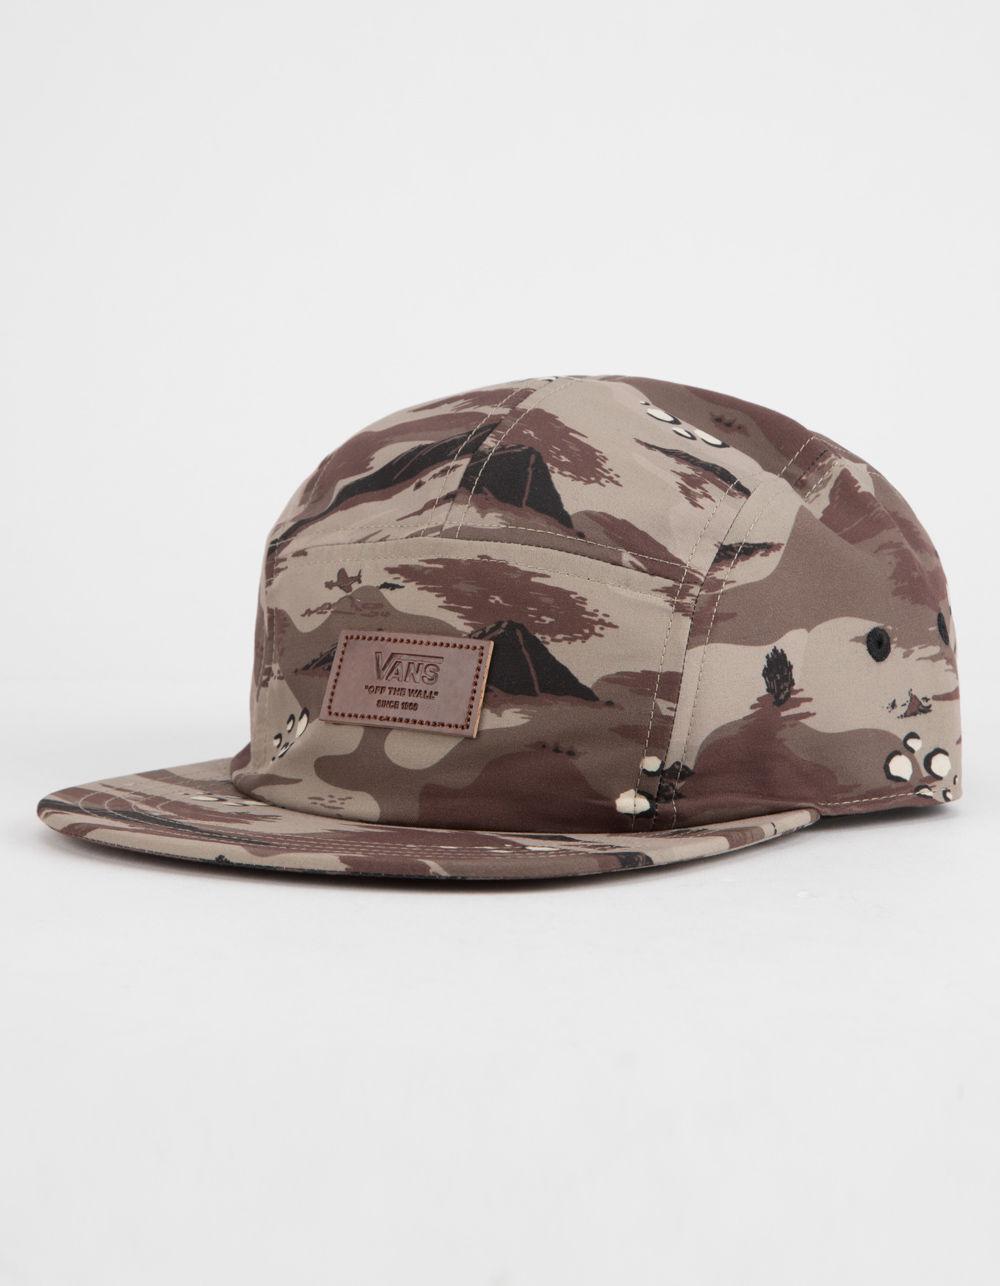 Lyst - Vans Davis Camo Mens Camper Hat in Brown for Men 2c7a31453